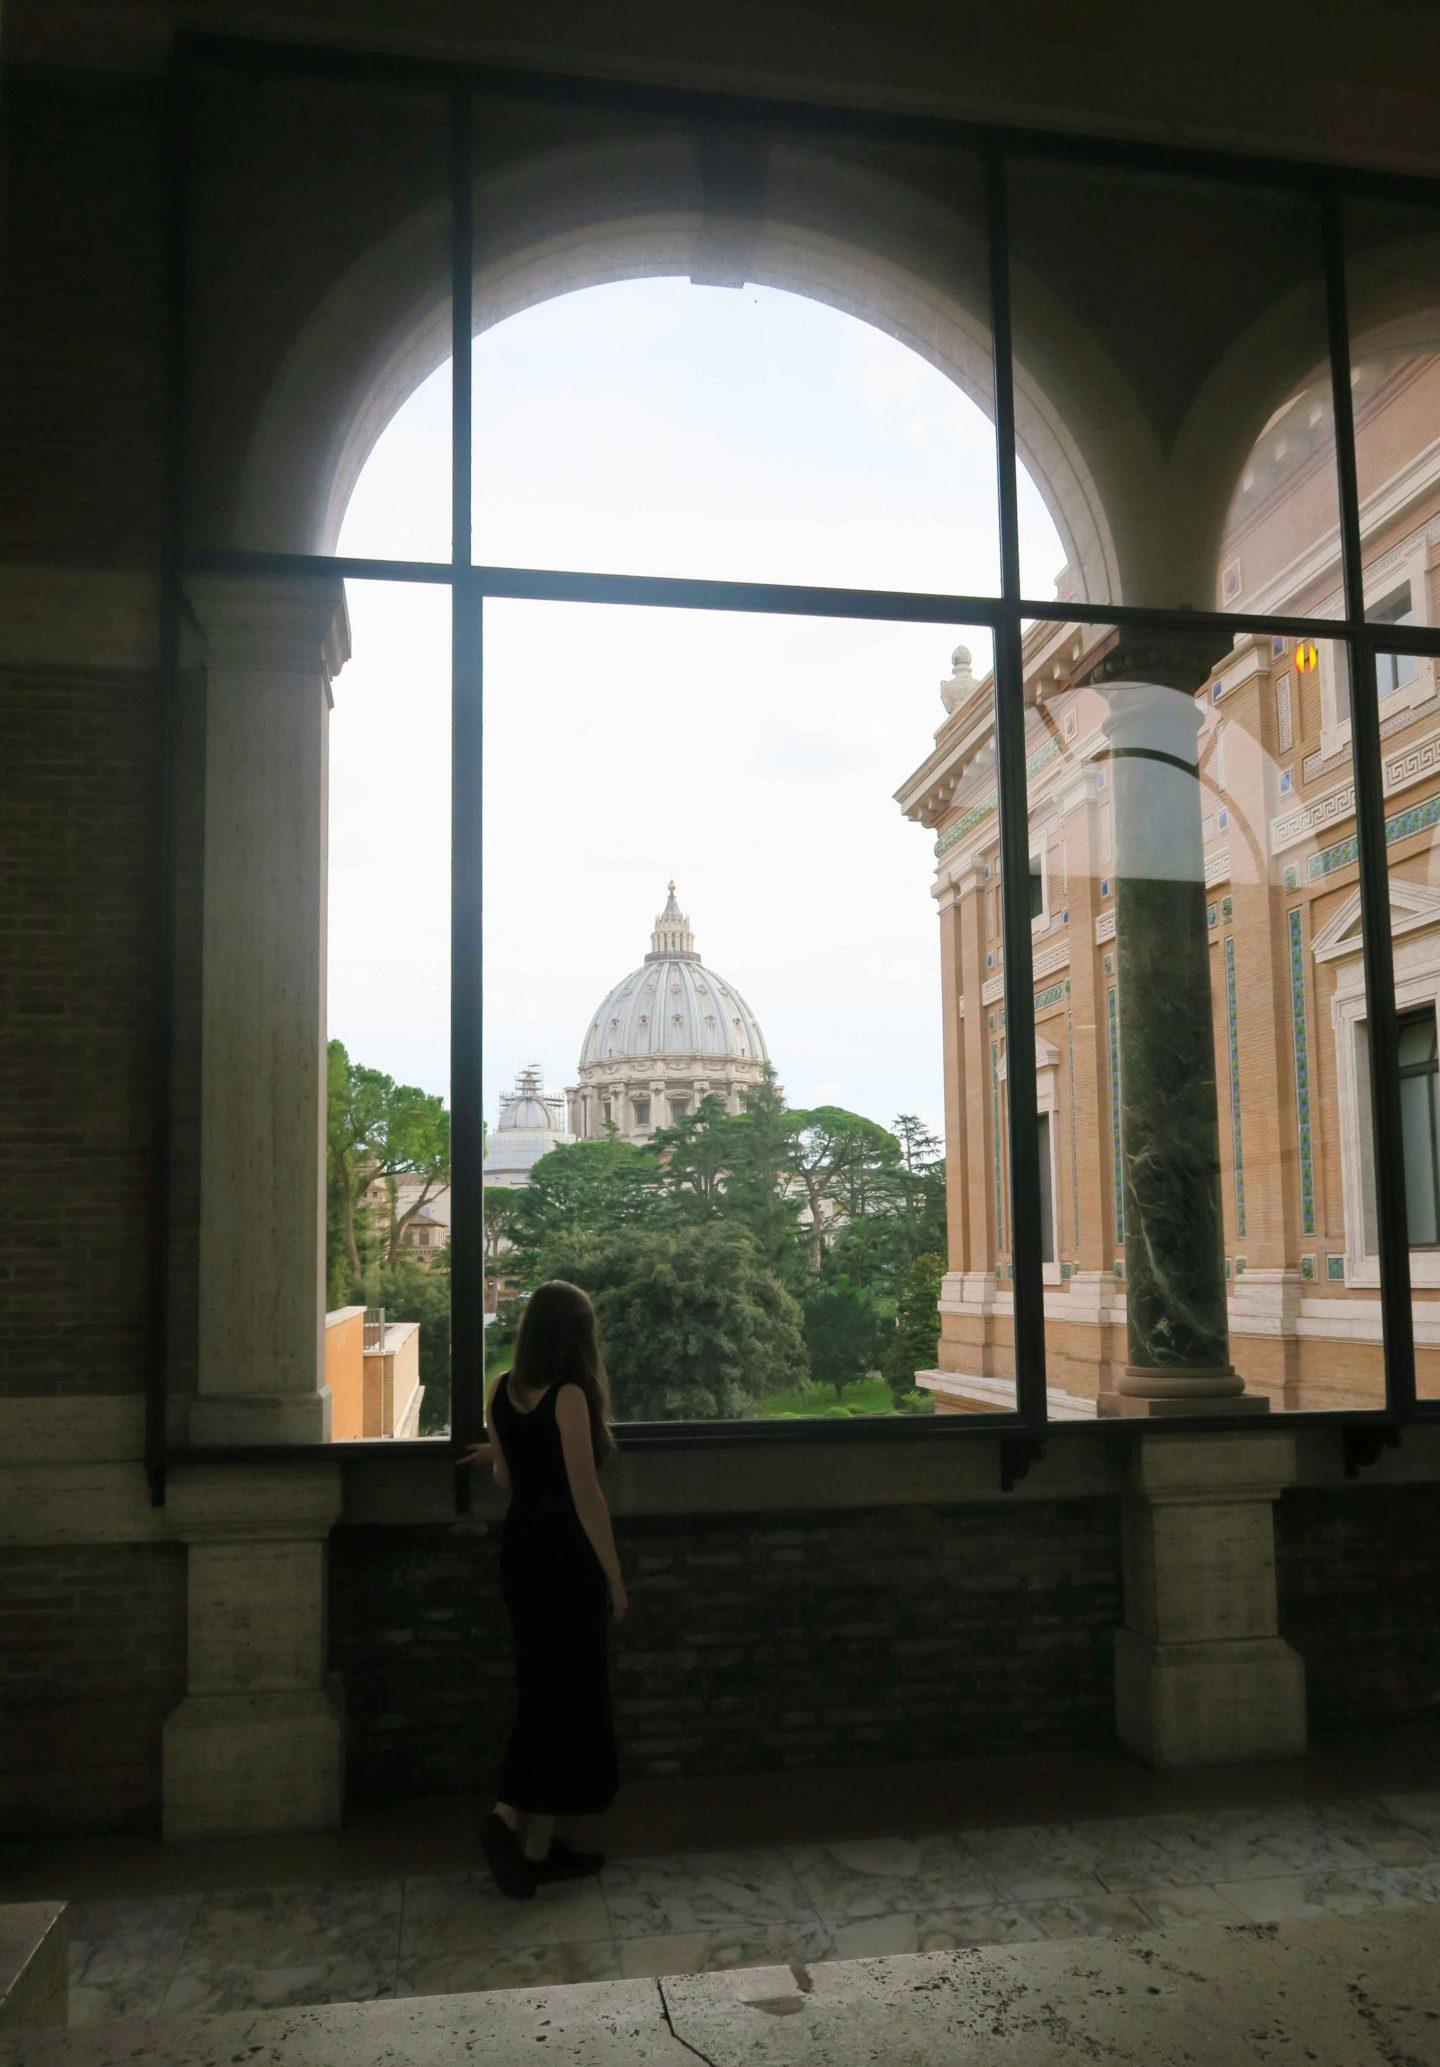 vatican museum window looking at the vatican in rome